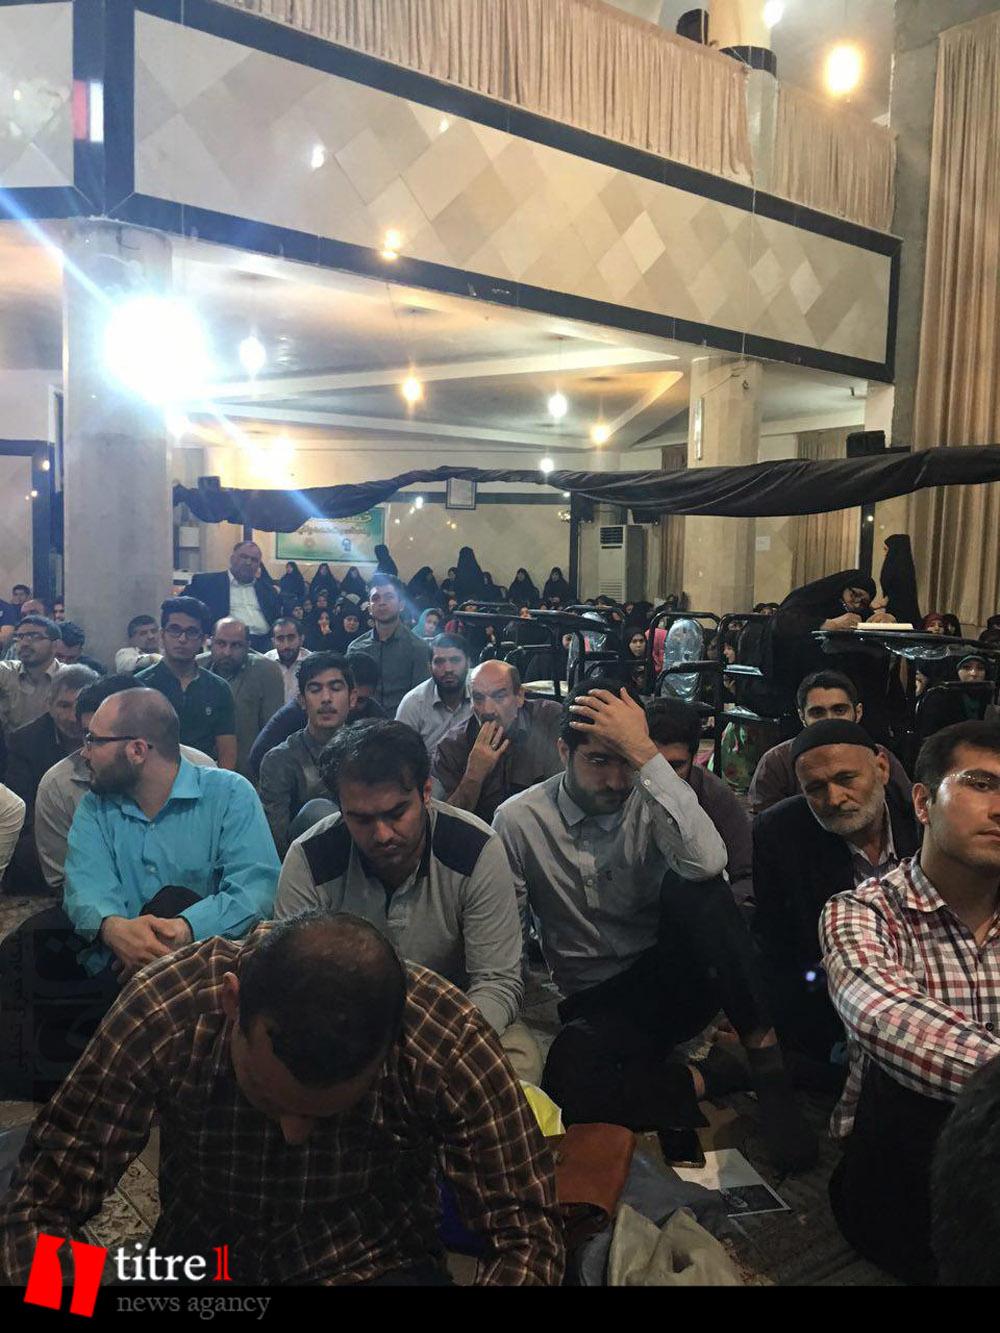 335230 521 نقل از عکسی؛ سخنرانی استاد حسن عباسی در مراسم اولین سالگرد شهید مدافع حرم حاج سعید قارلقی